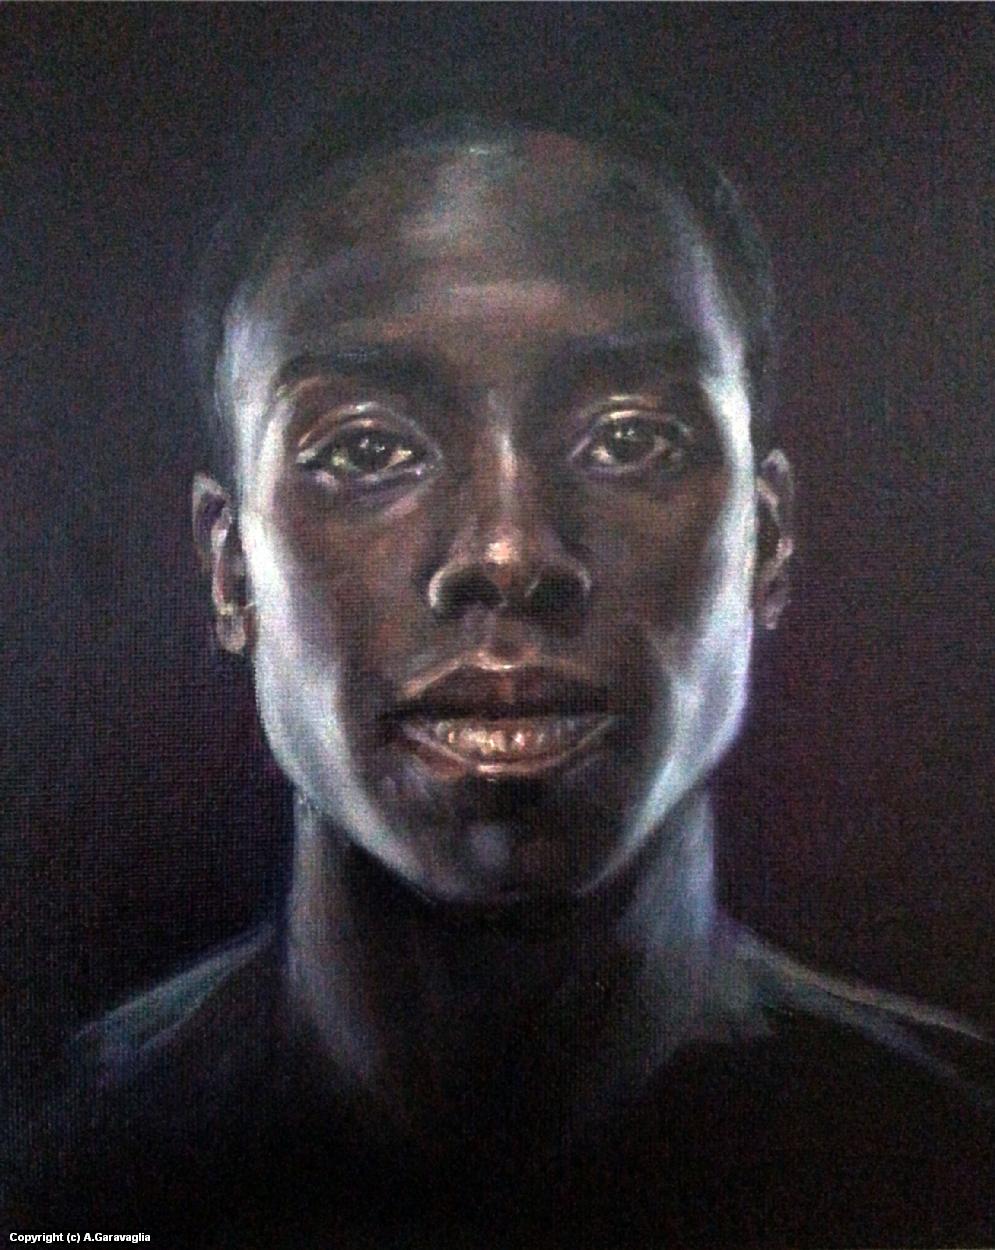 Desmond Cole Artwork by Anne Garavaglia